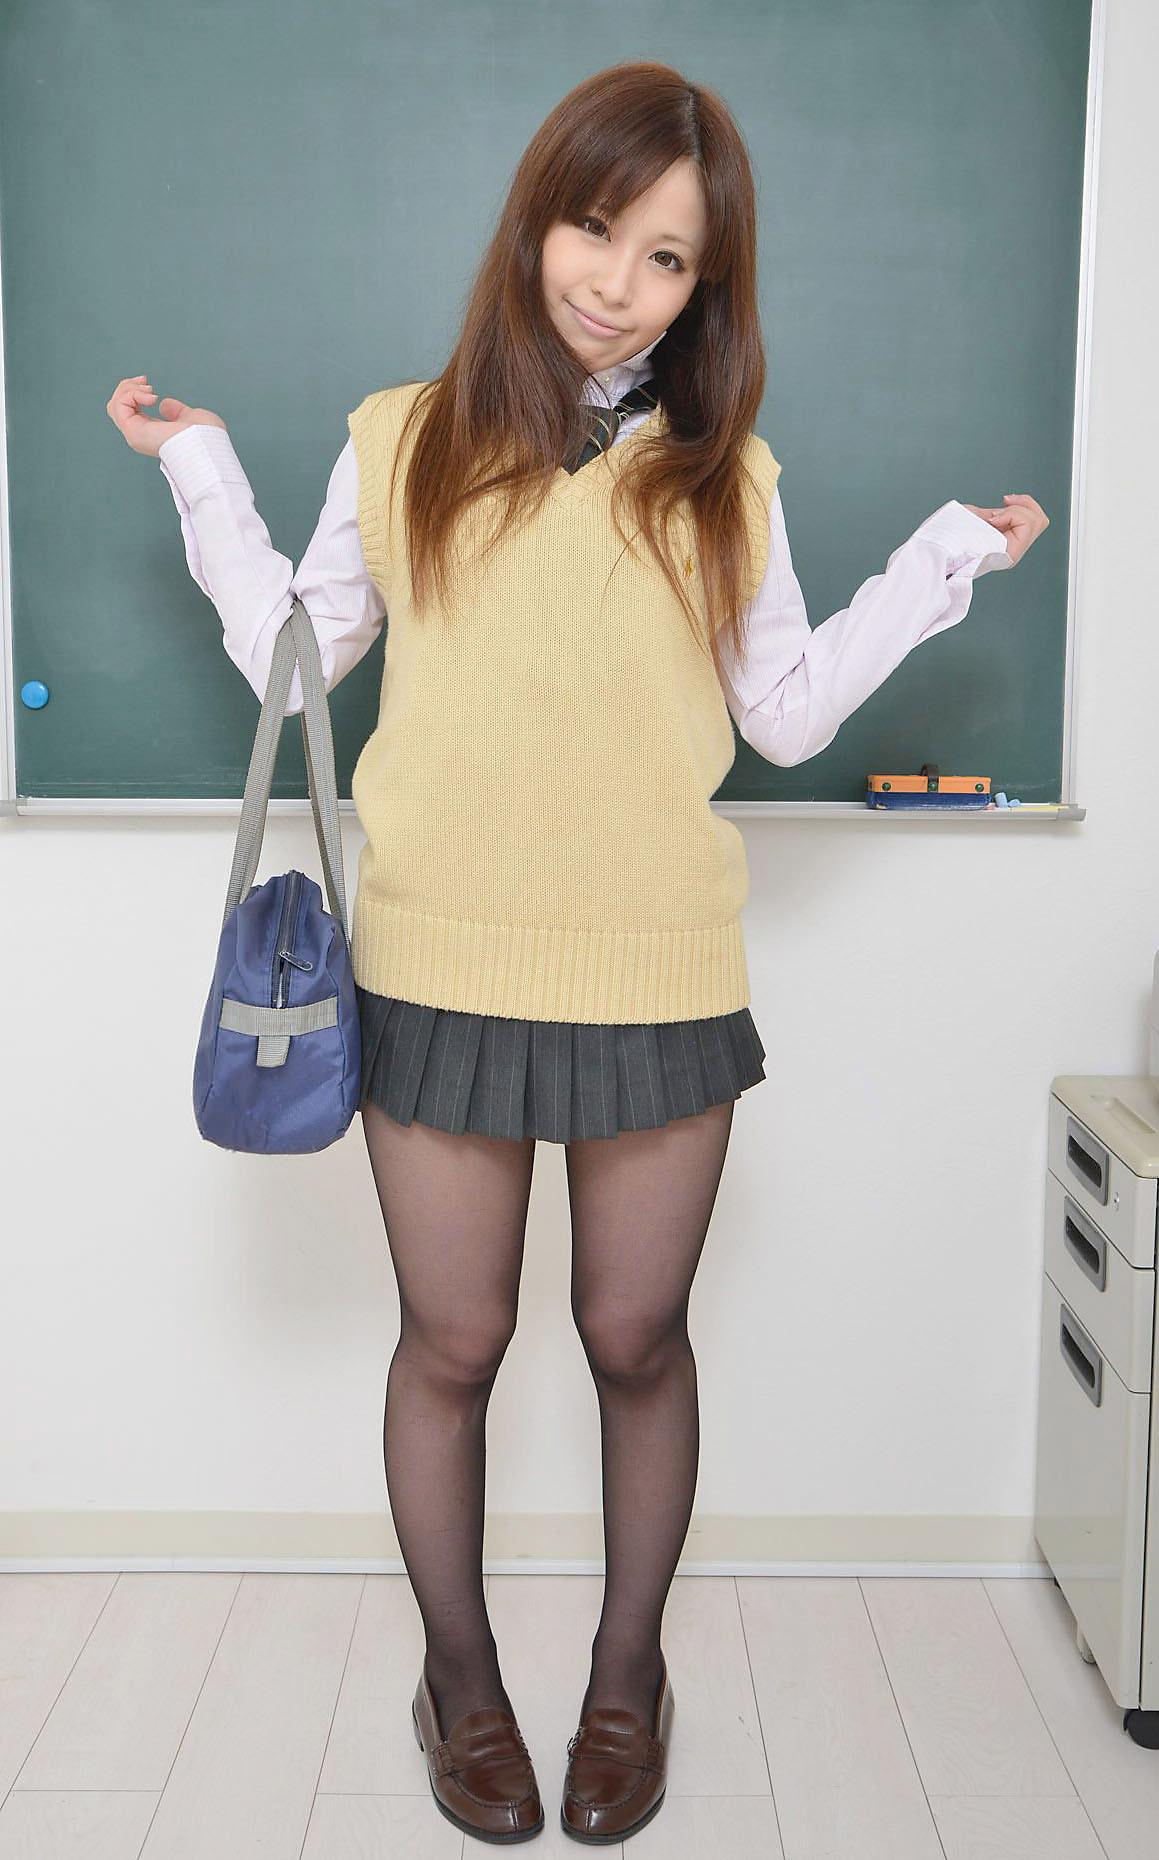 【制服エロ画像】微エロぐらいで楽しむJKコスプレを見て思春期の気持ちを思い出そう! 23